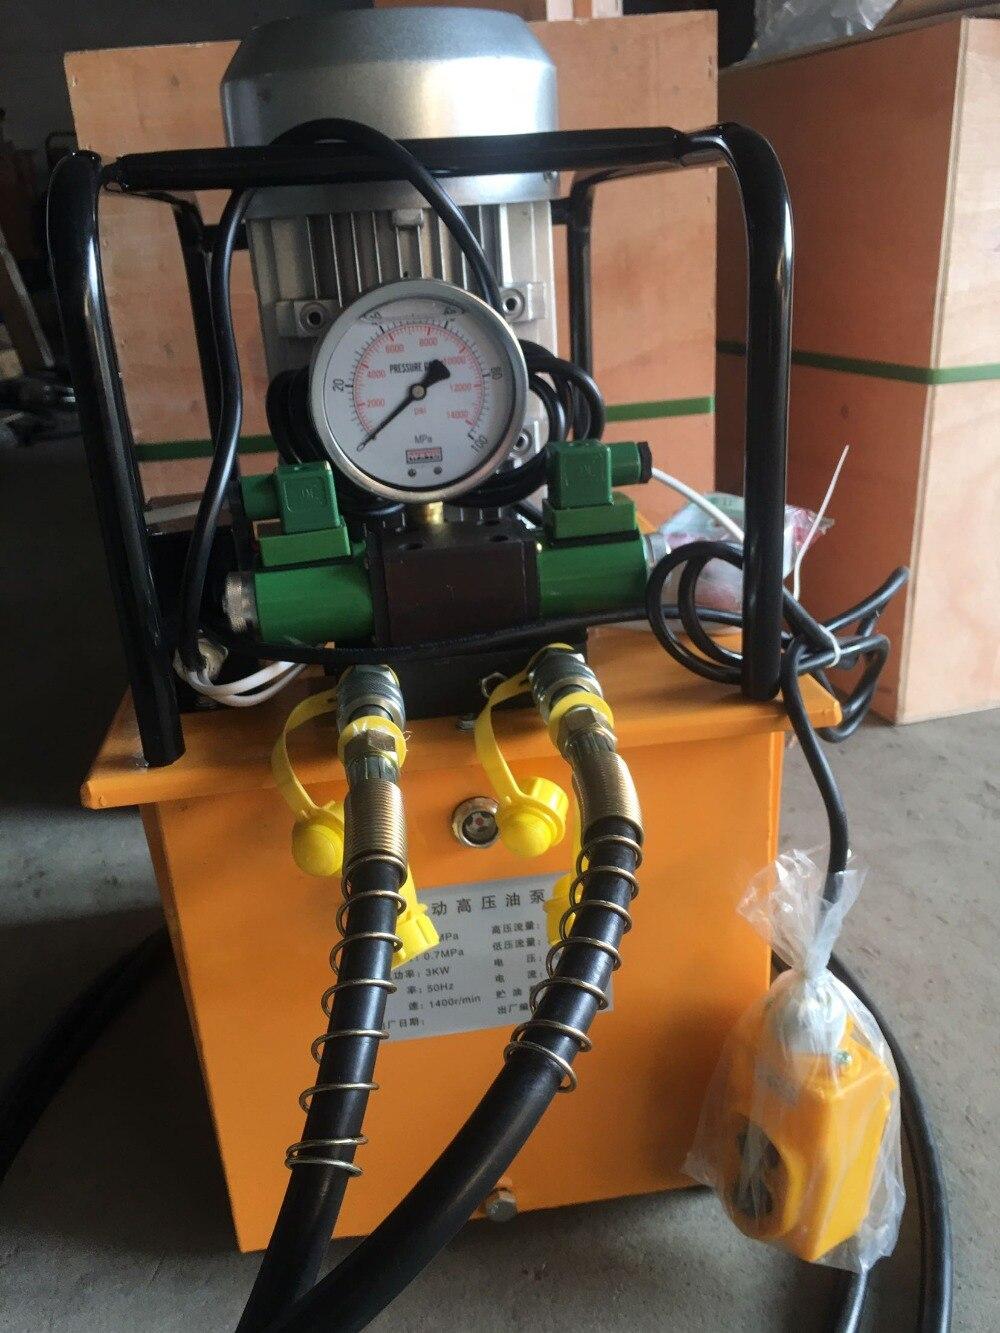 Кнопки гидравлическая станция гидравлический системный насос 380 V 3KW 40L 2 варианта Гидравлический масляный насос станции взять nutrilite вал